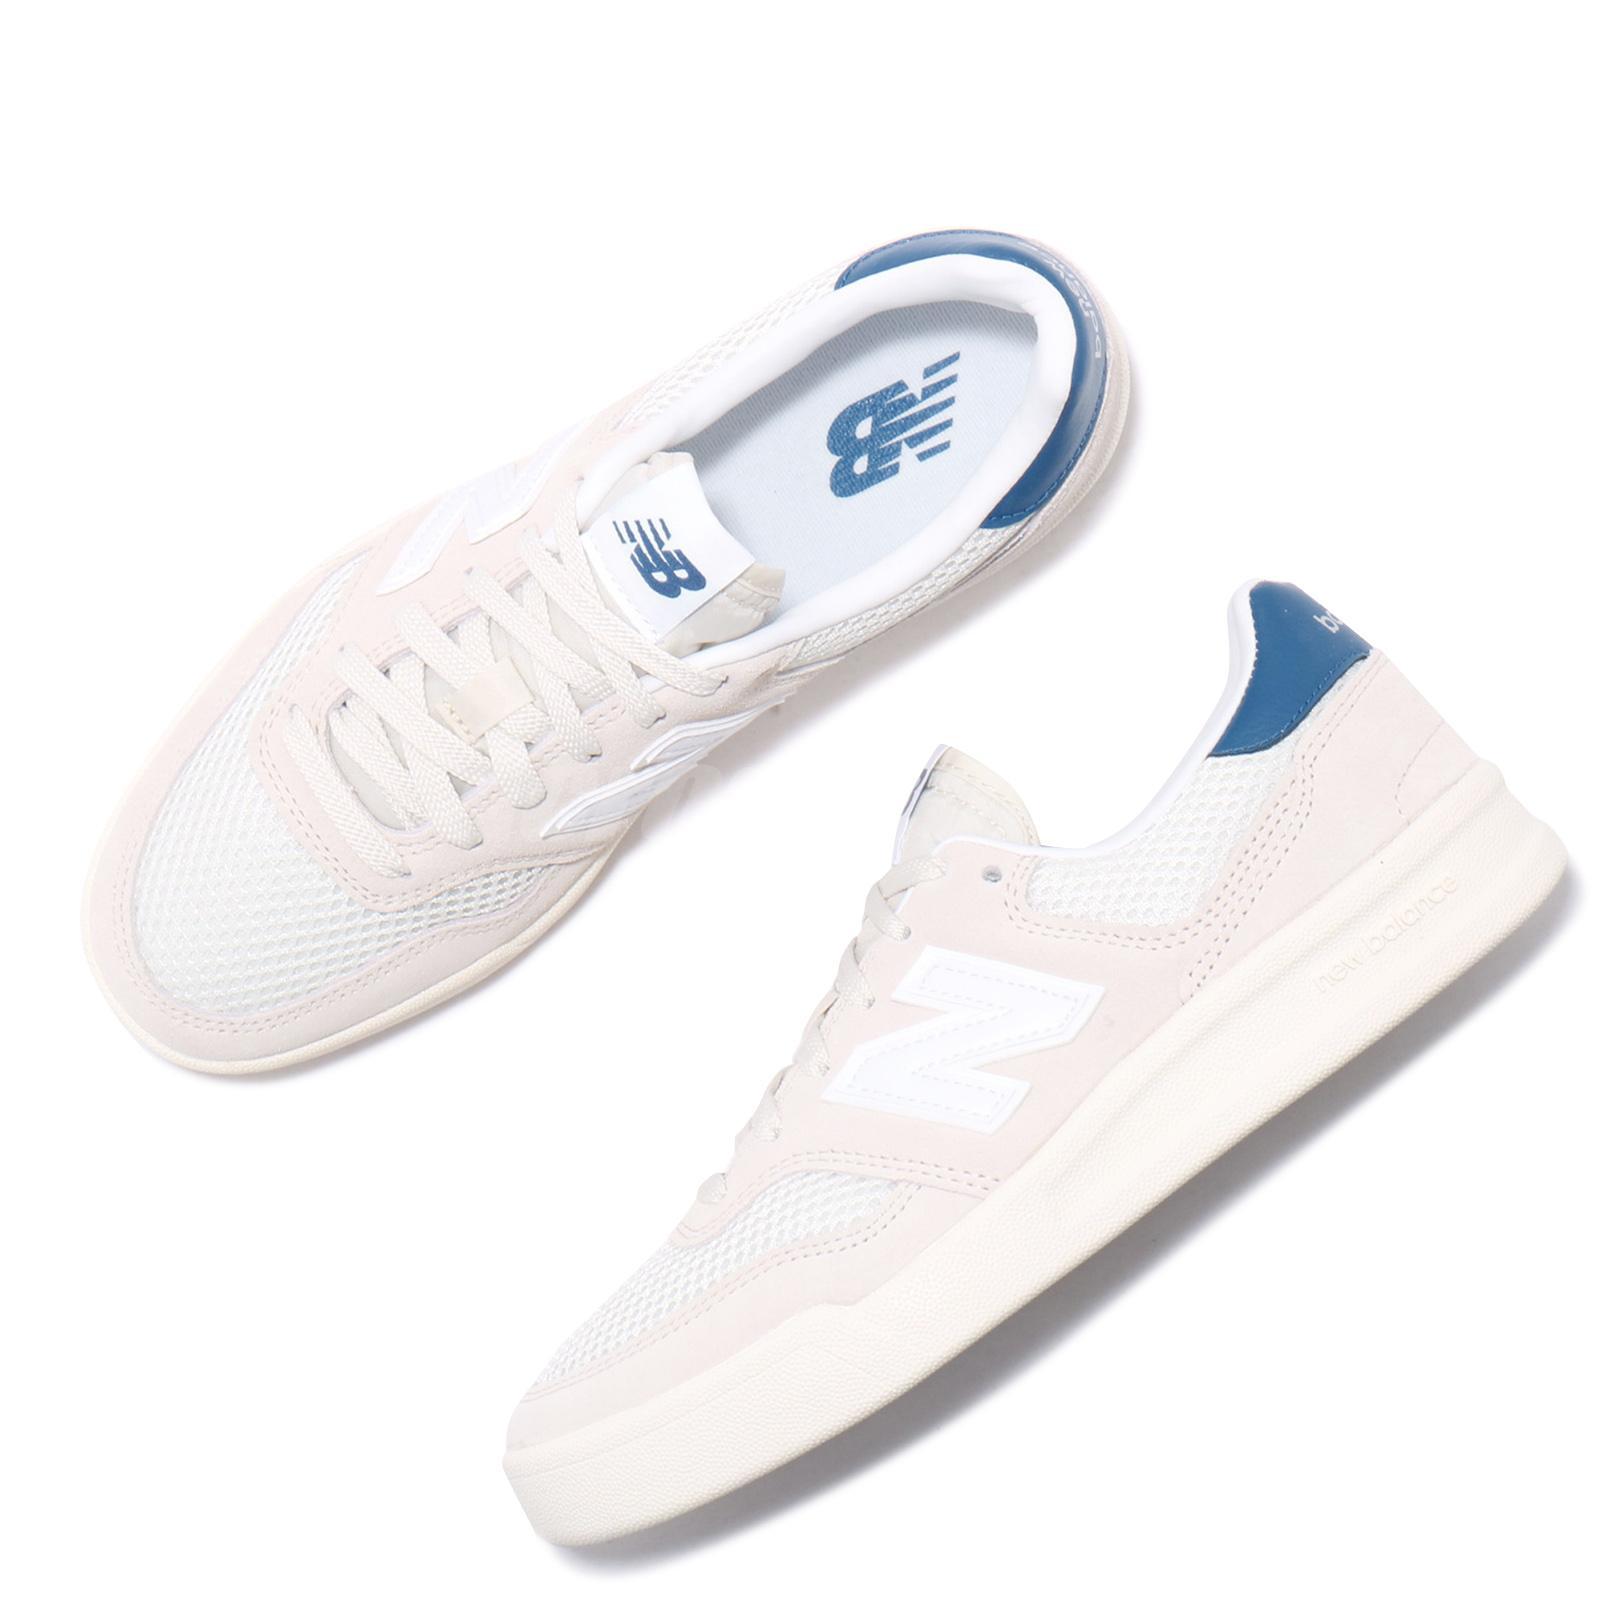 New Balance CRT300B2 D Yellow White Blue Men Women Unisex Casual Shoes CRT300B2D